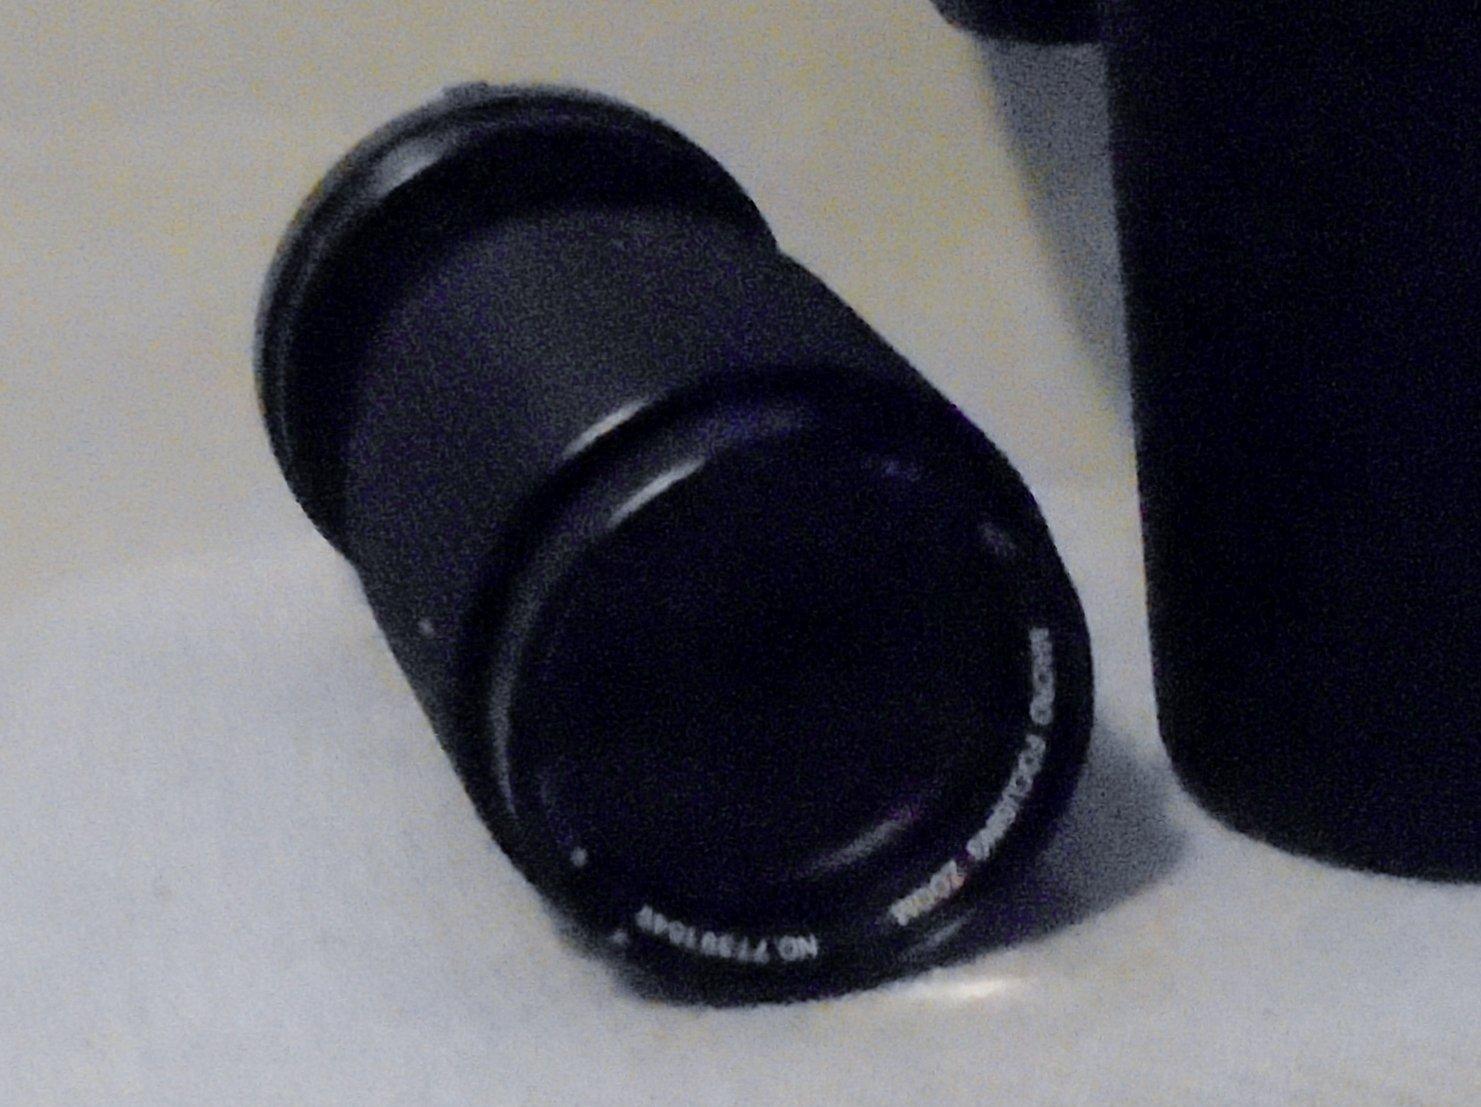 RMC Tokina Telescopic Lens 80 -200mm 1:4.5